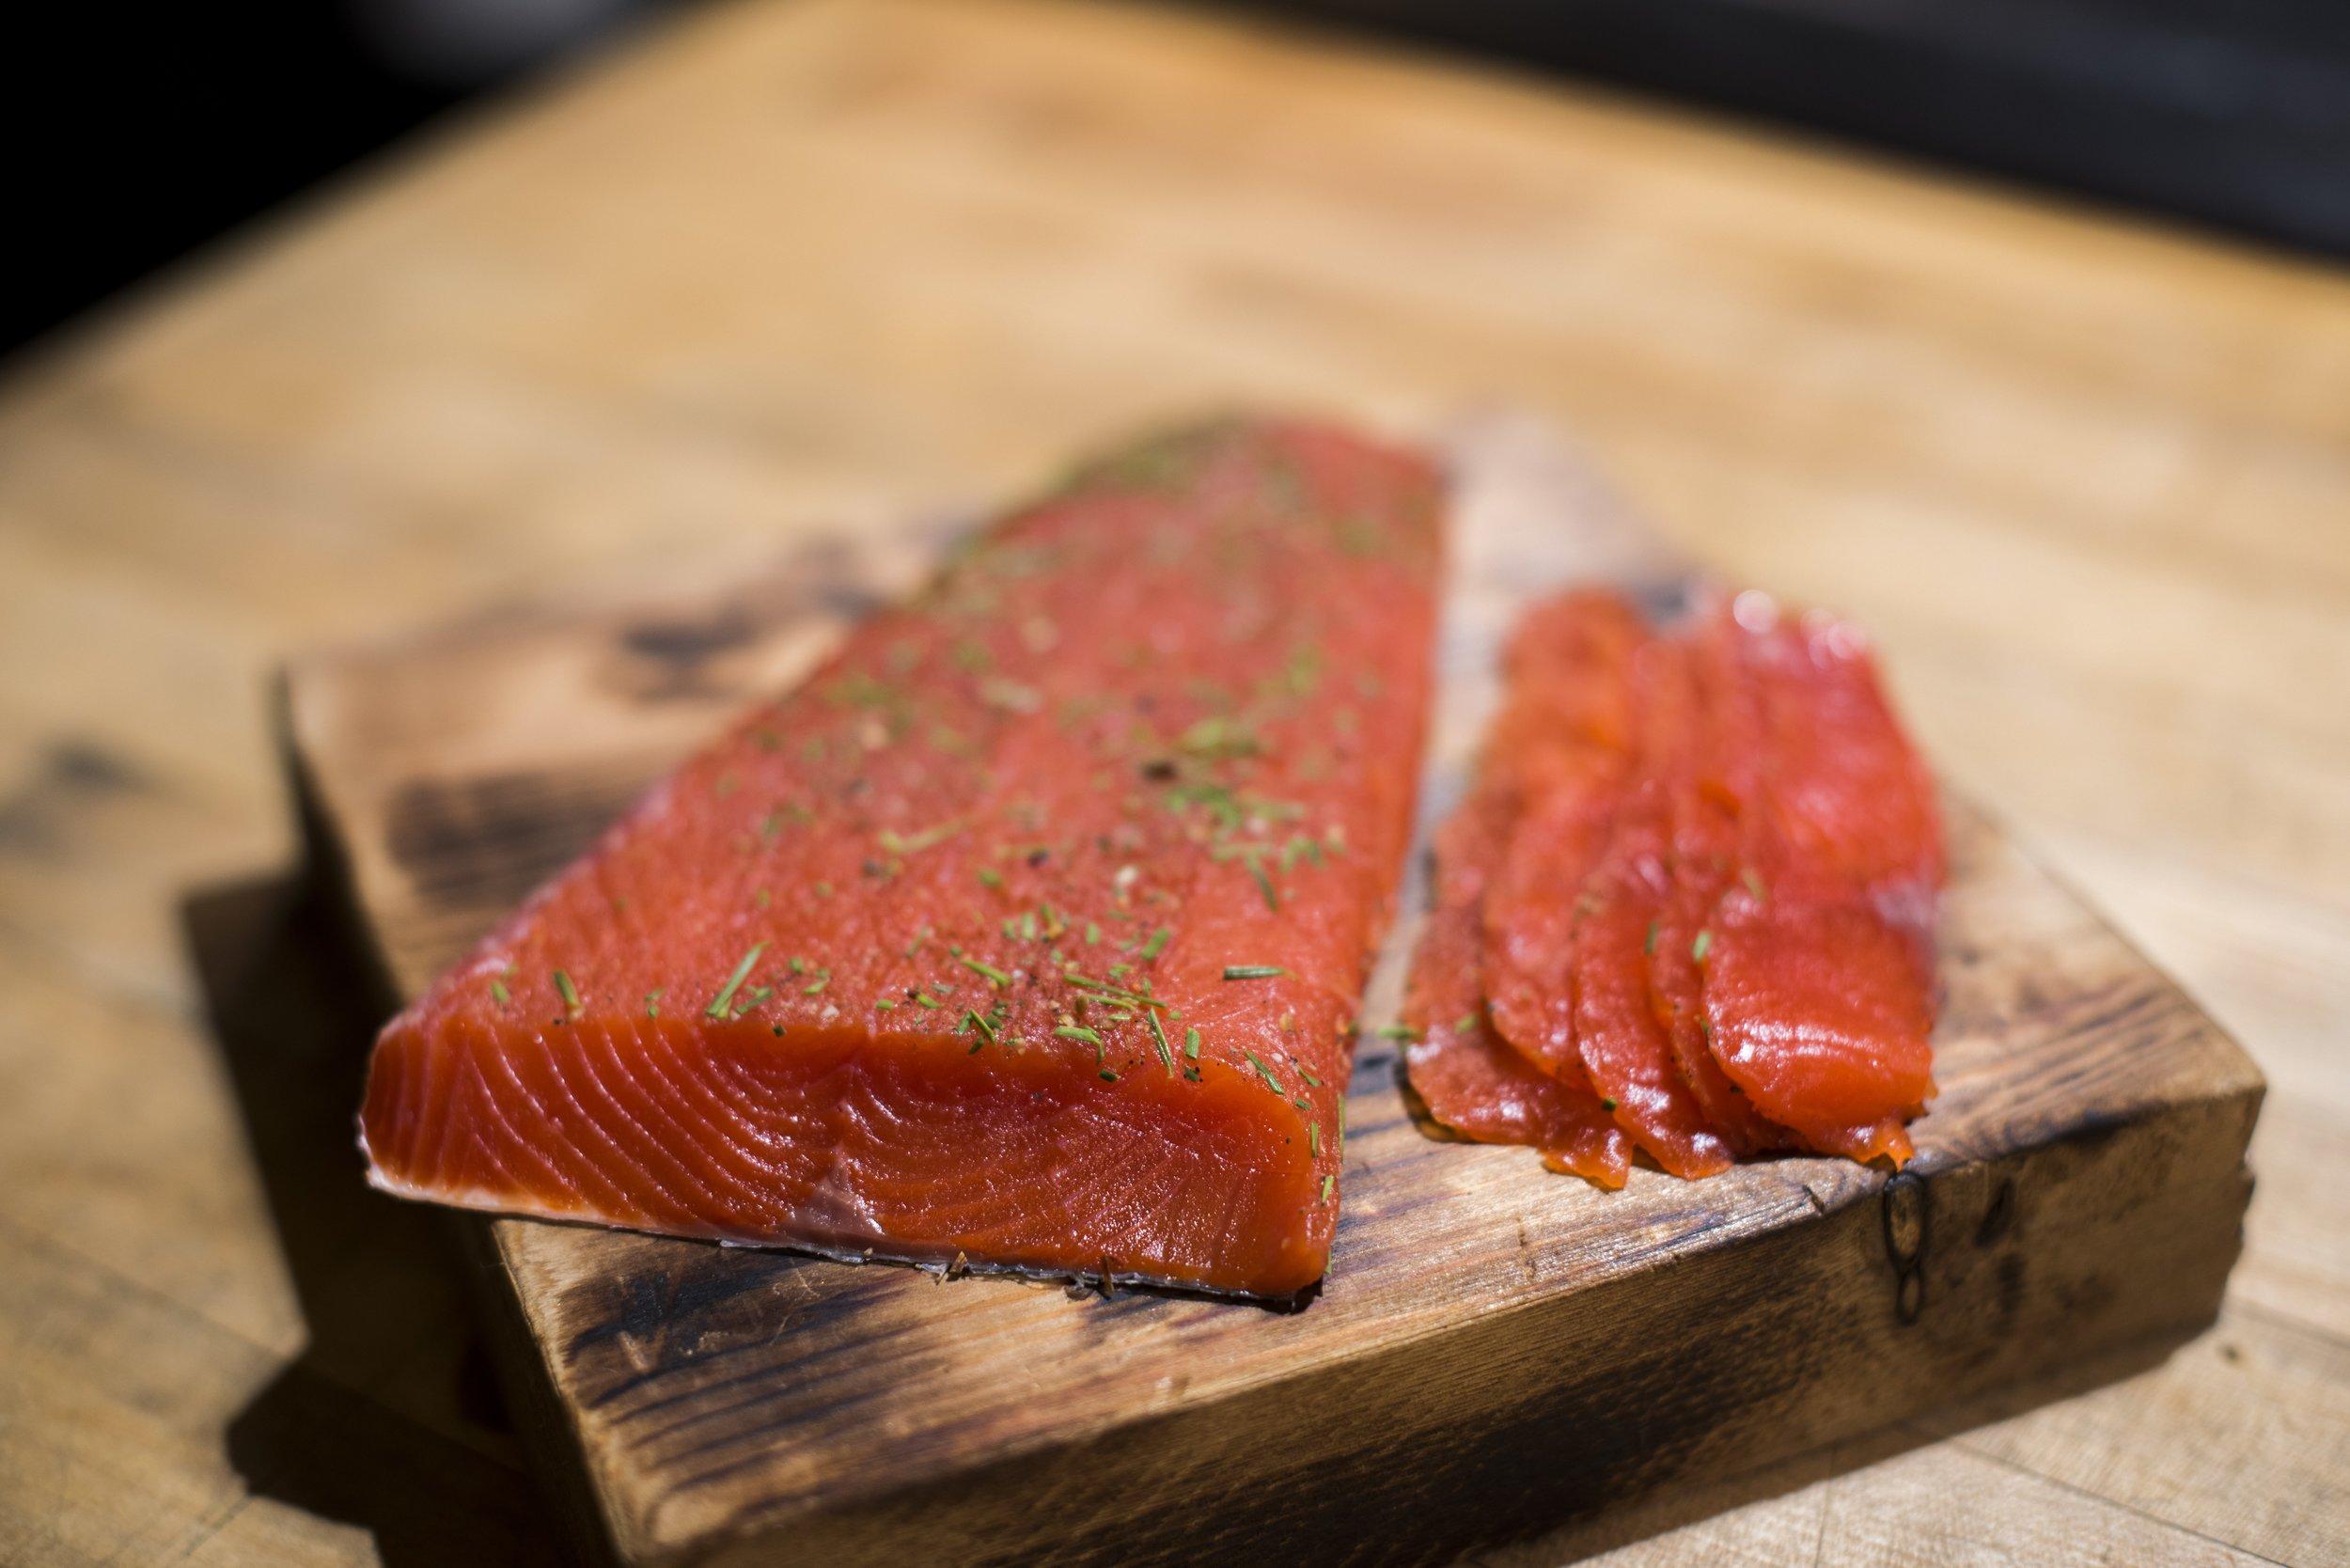 DSC_5386_salmonfinal-min.jpg